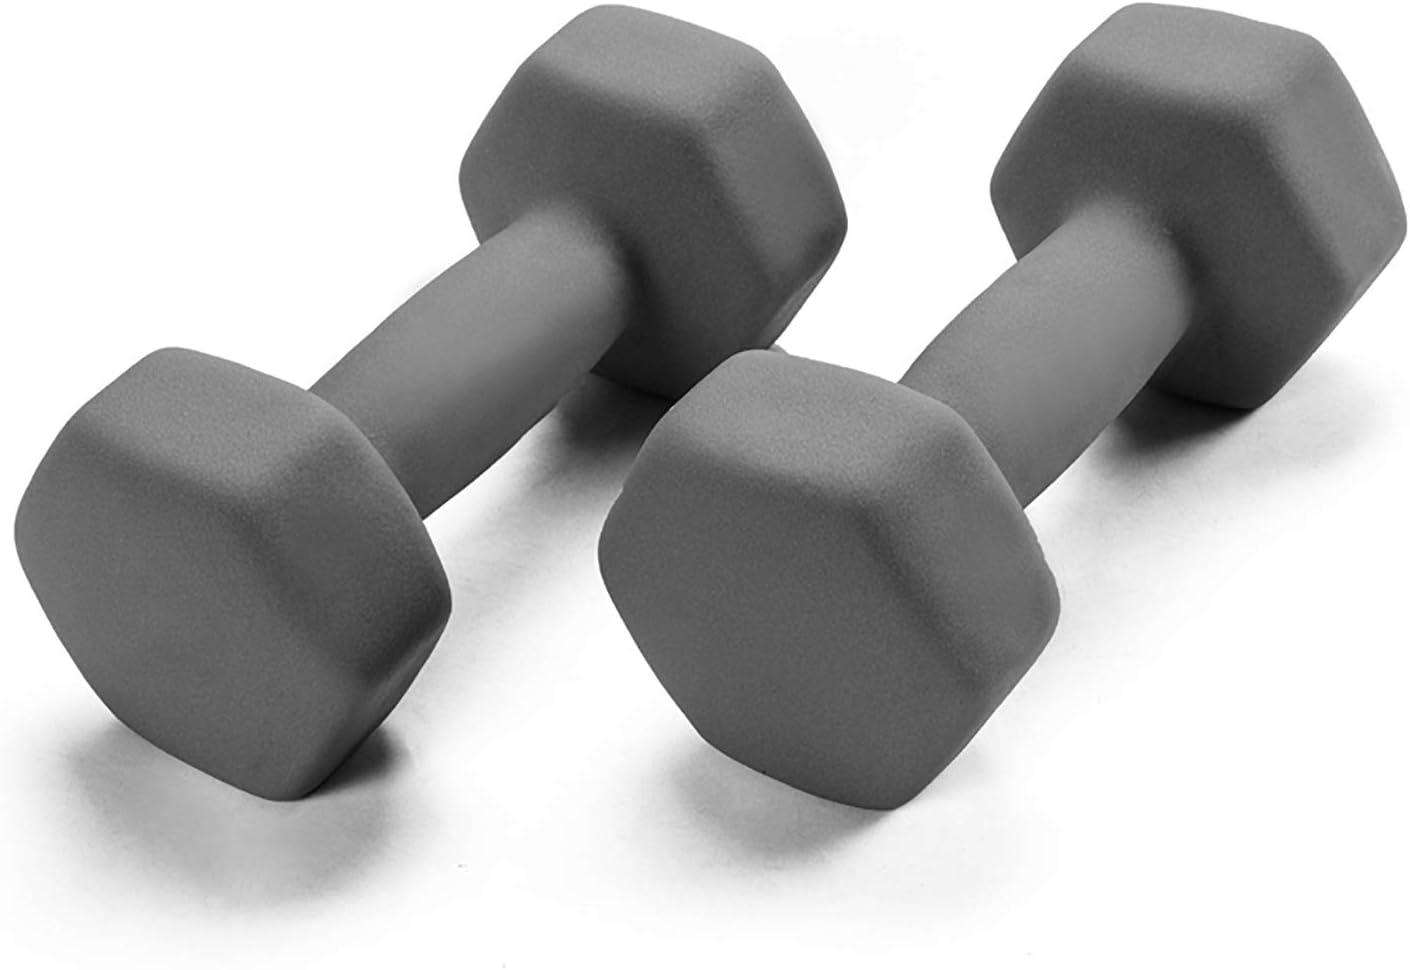 Portzon 1LB Weights Neoprene Dumbbells